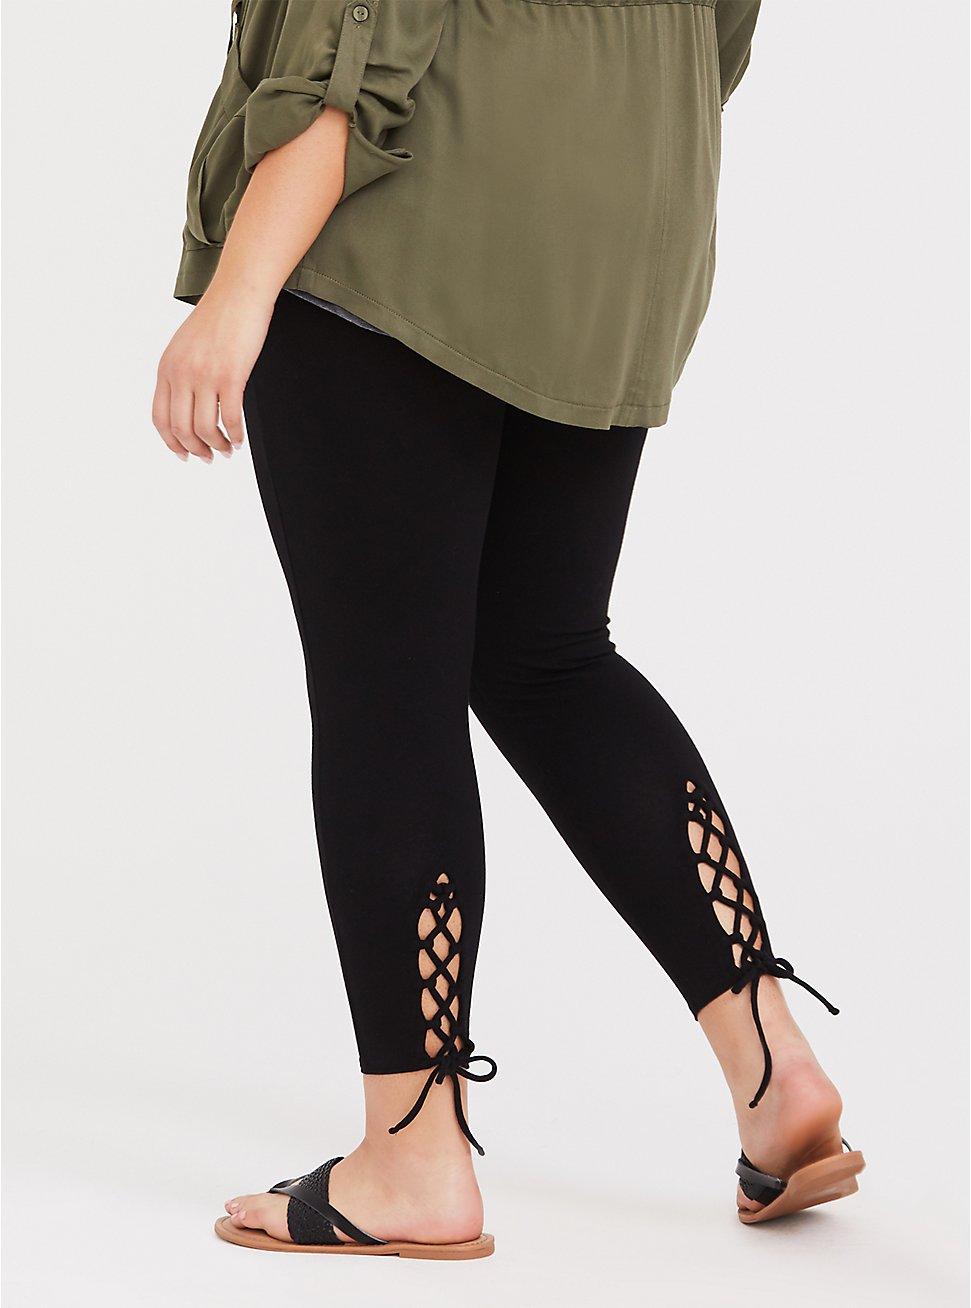 Premium Legging - Lattice Lace-Up Insert Black, BLACK, hi-res